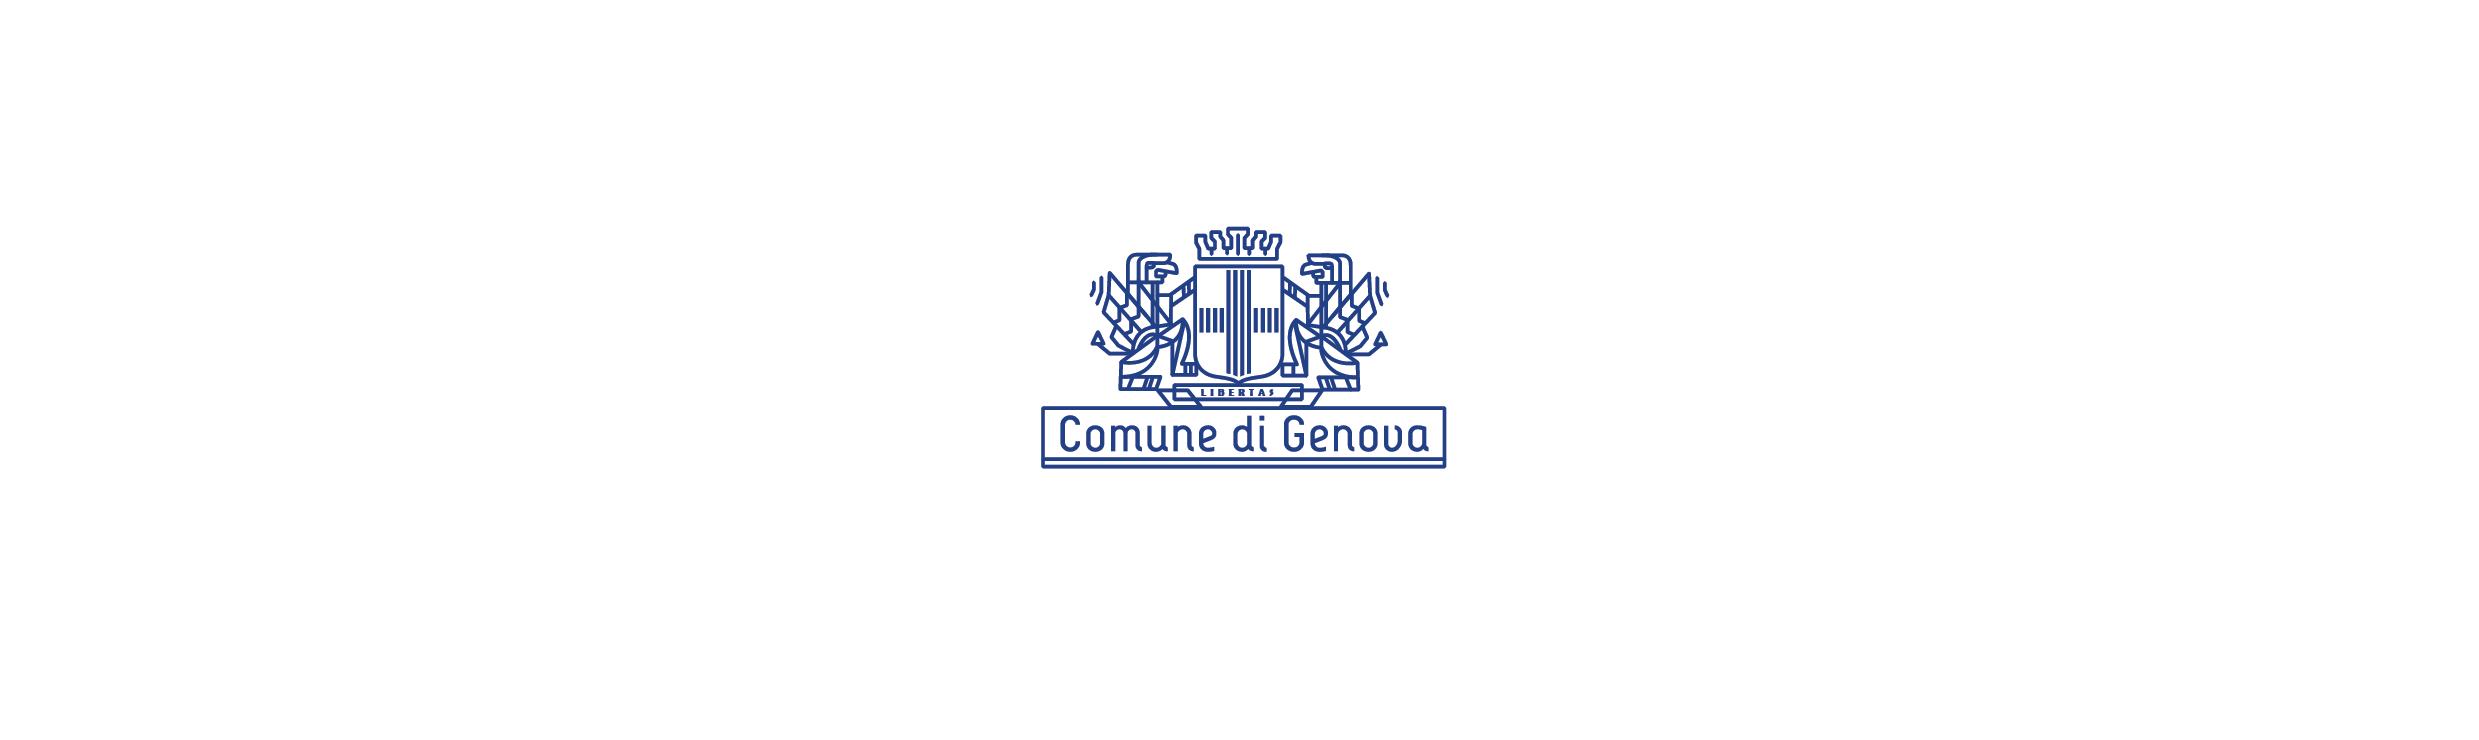 gregor ivanusic标志设计作品